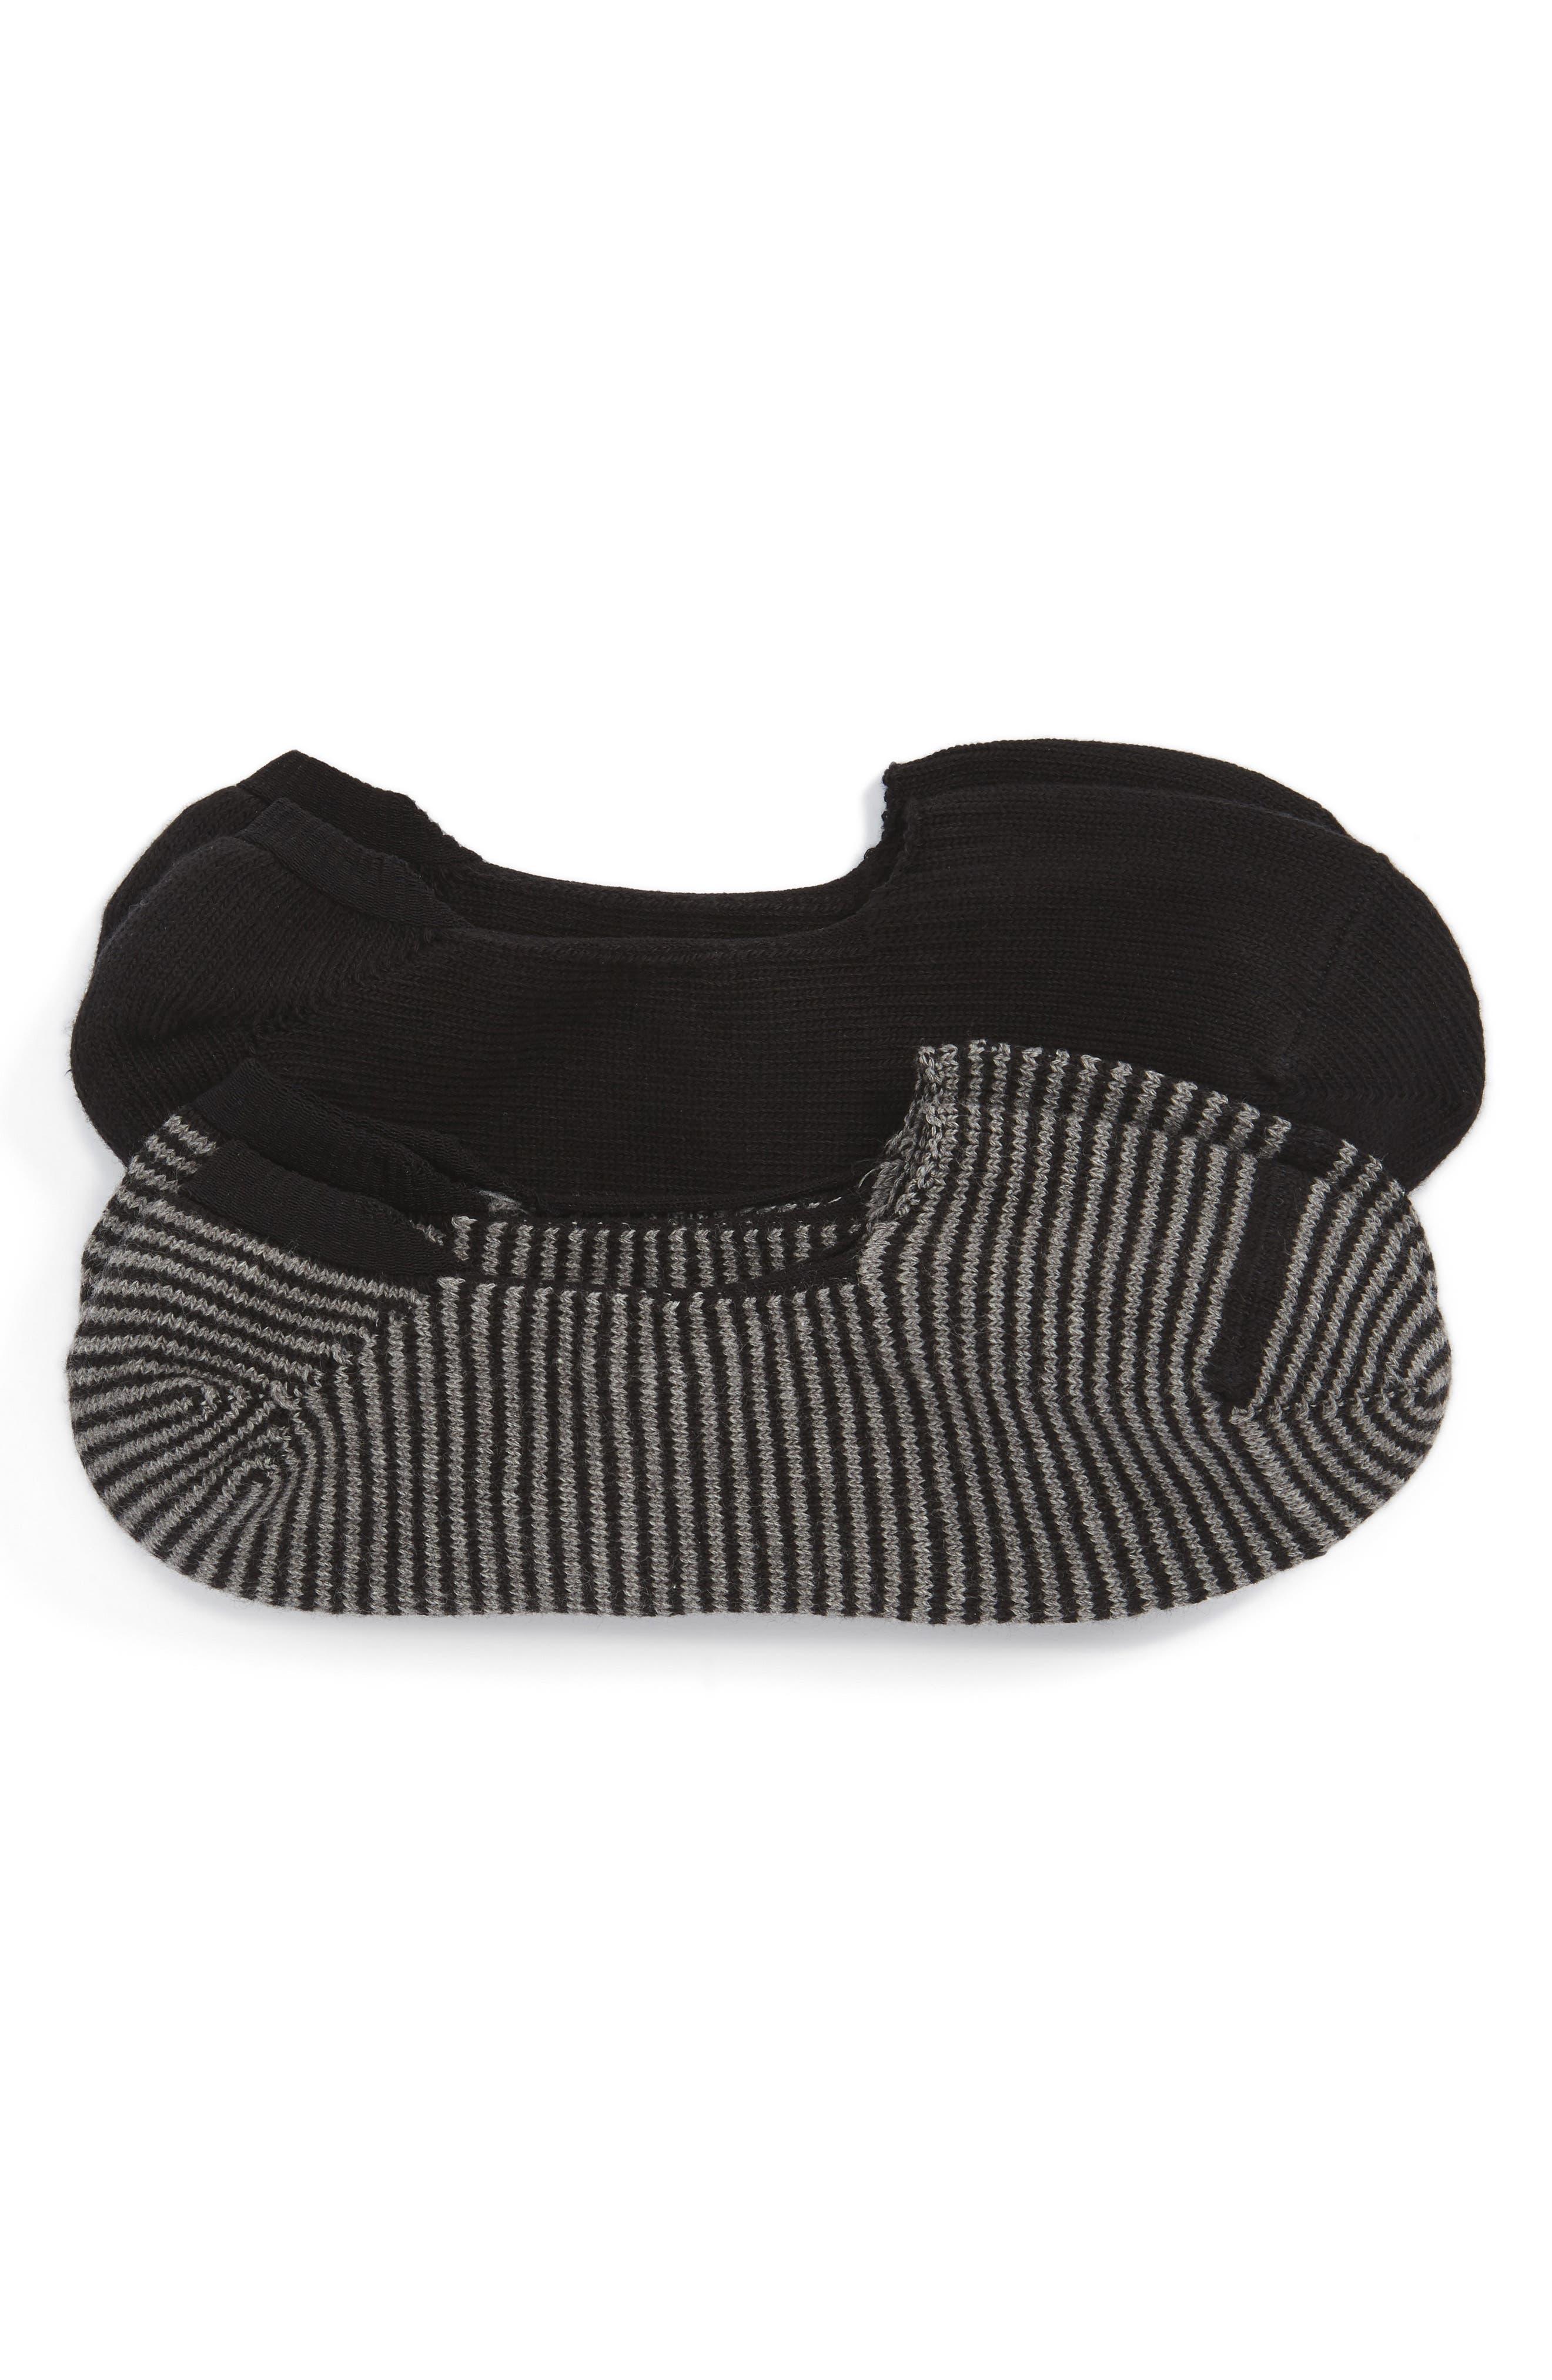 2-Pack Loafer Liner Socks,                             Main thumbnail 1, color,                             Black/ Black- Grey